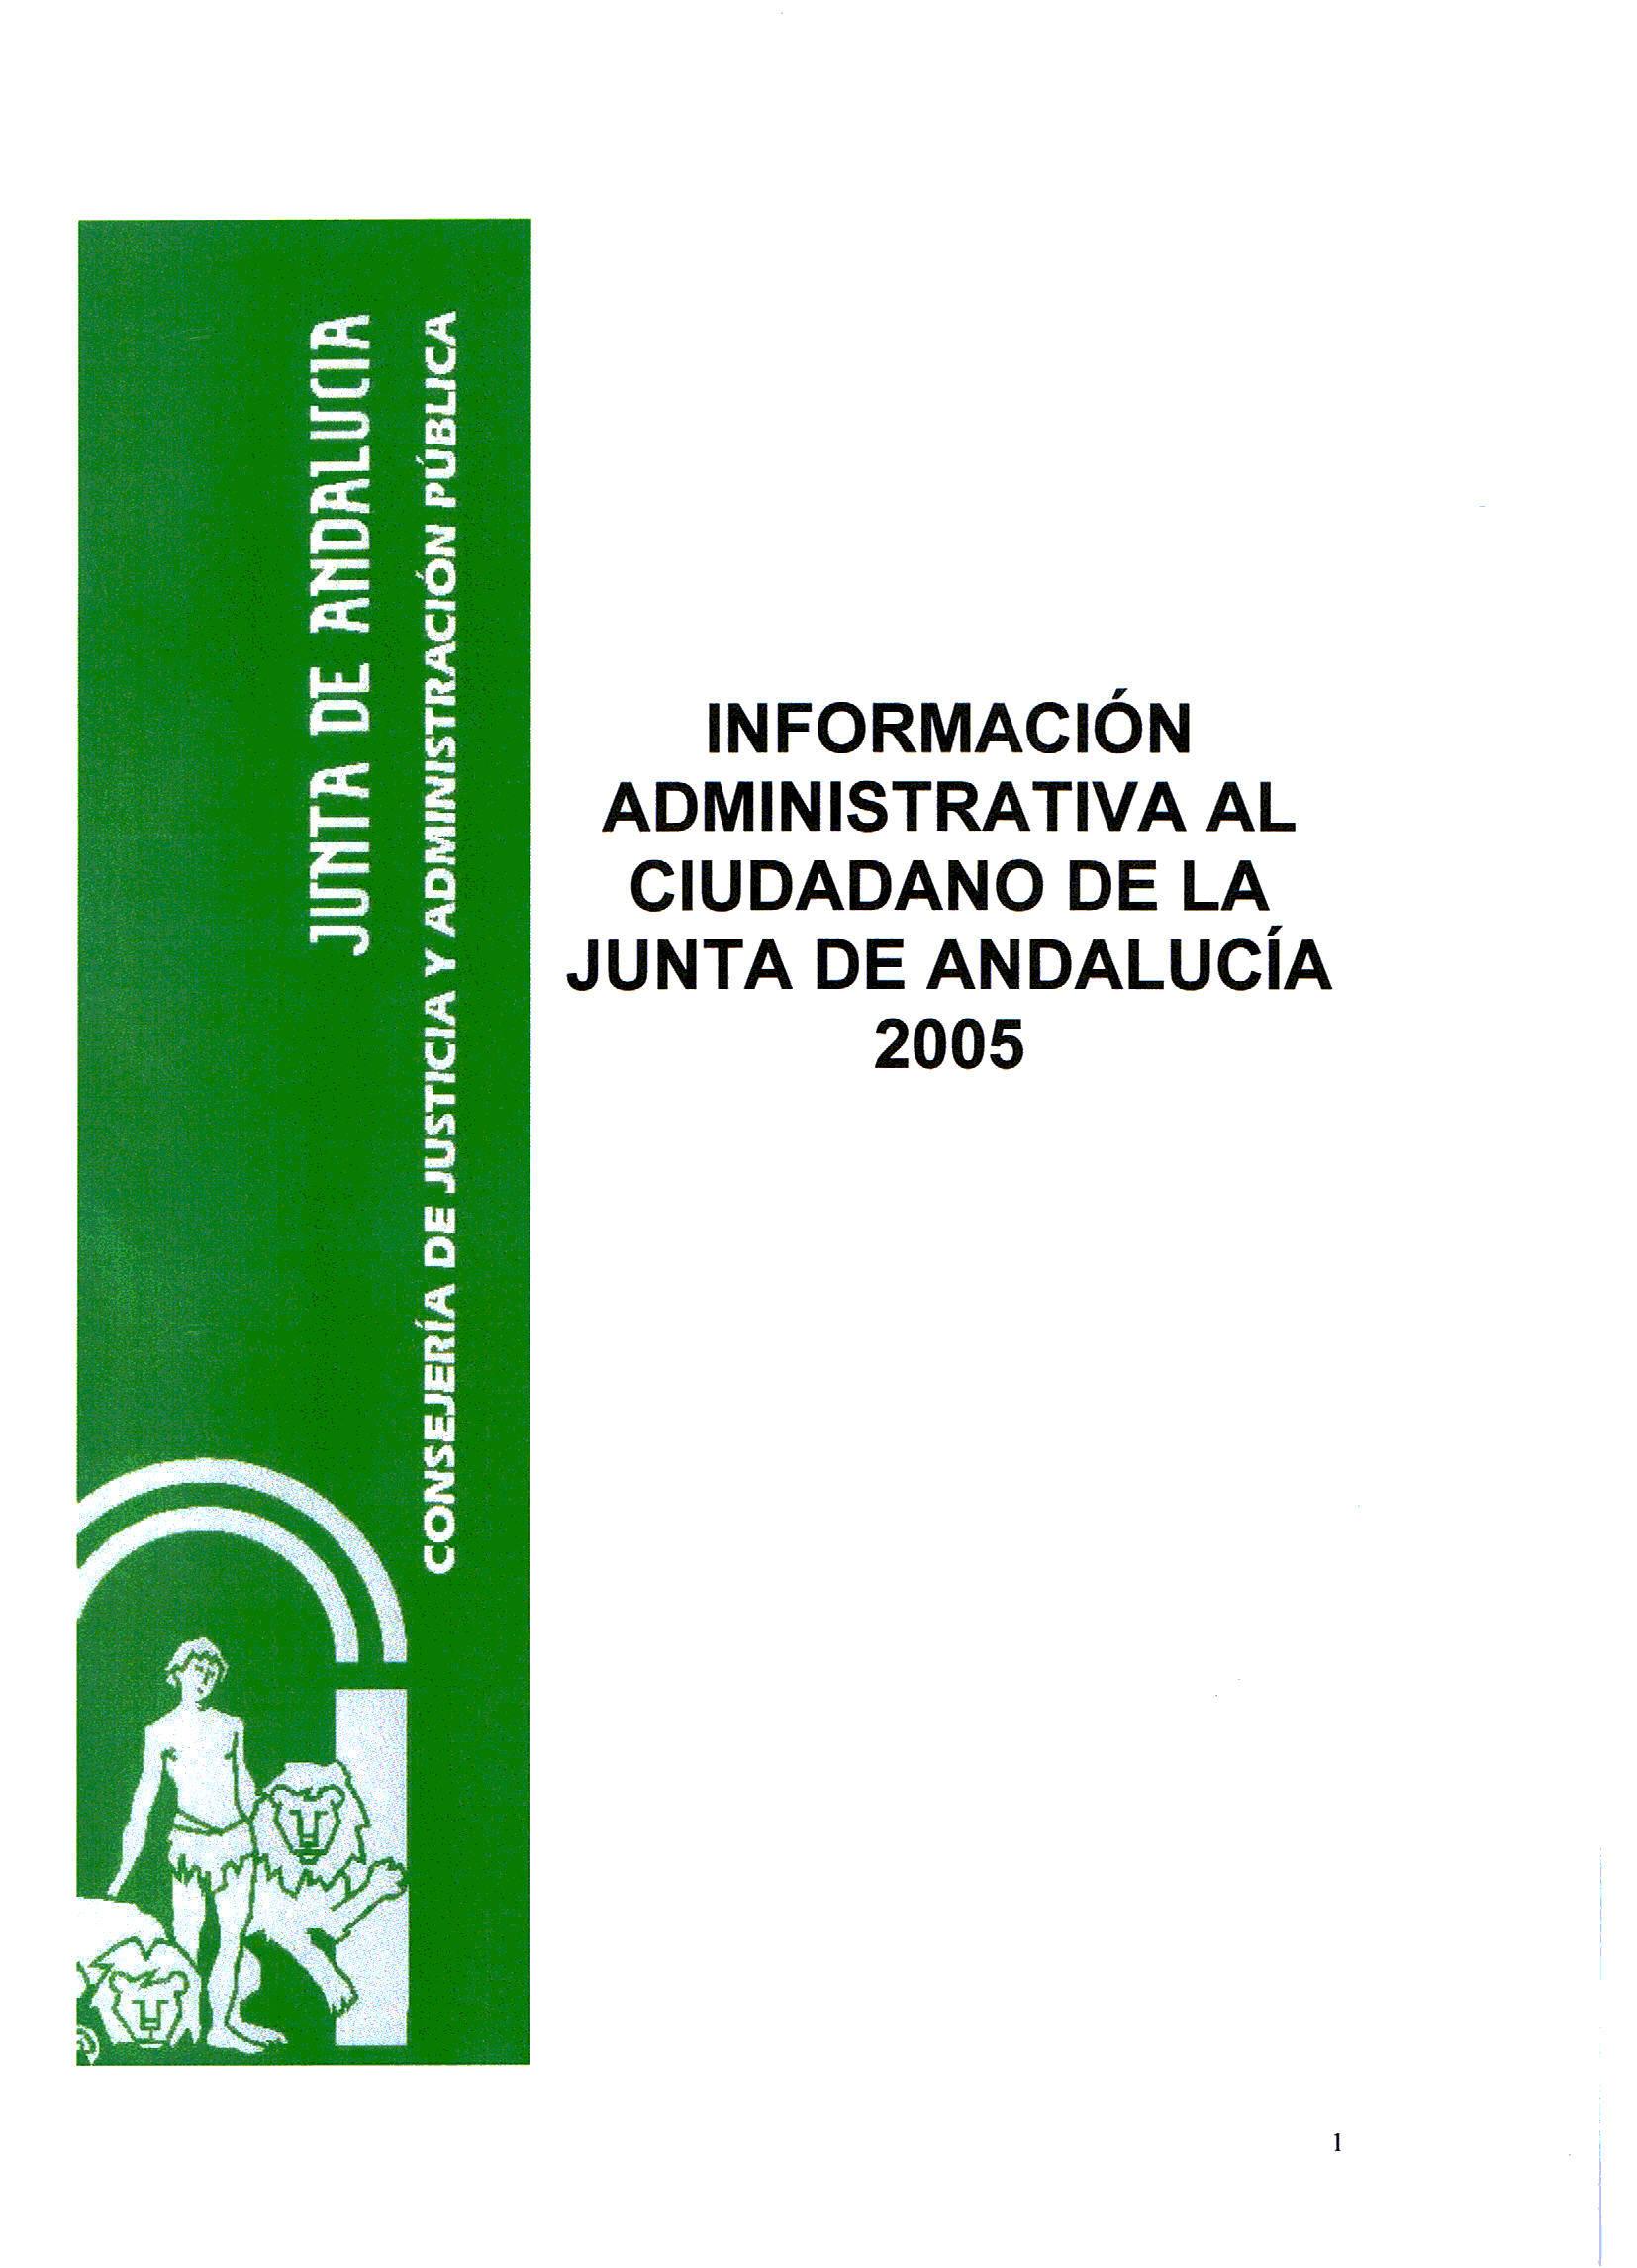 Junta de andaluc a informaci n administrativa al ciudadano en la junta de andaluc a 2005 - Pisos de la junta de andalucia ...